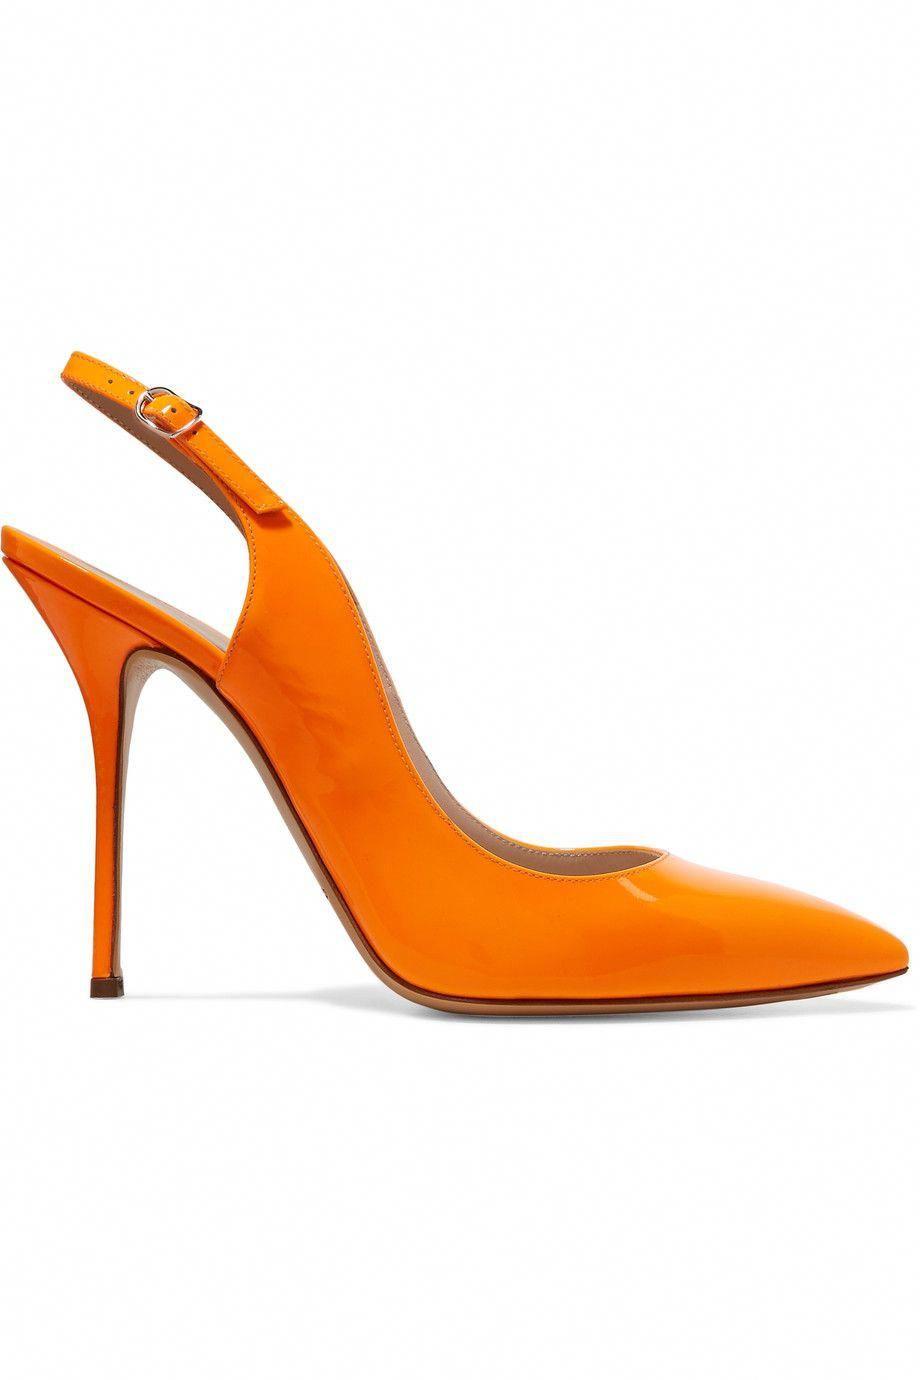 dc6b75934f8 CASADEI Neon patent-leather slingback pumps. #casadei #shoes #pumps  #Promshoes